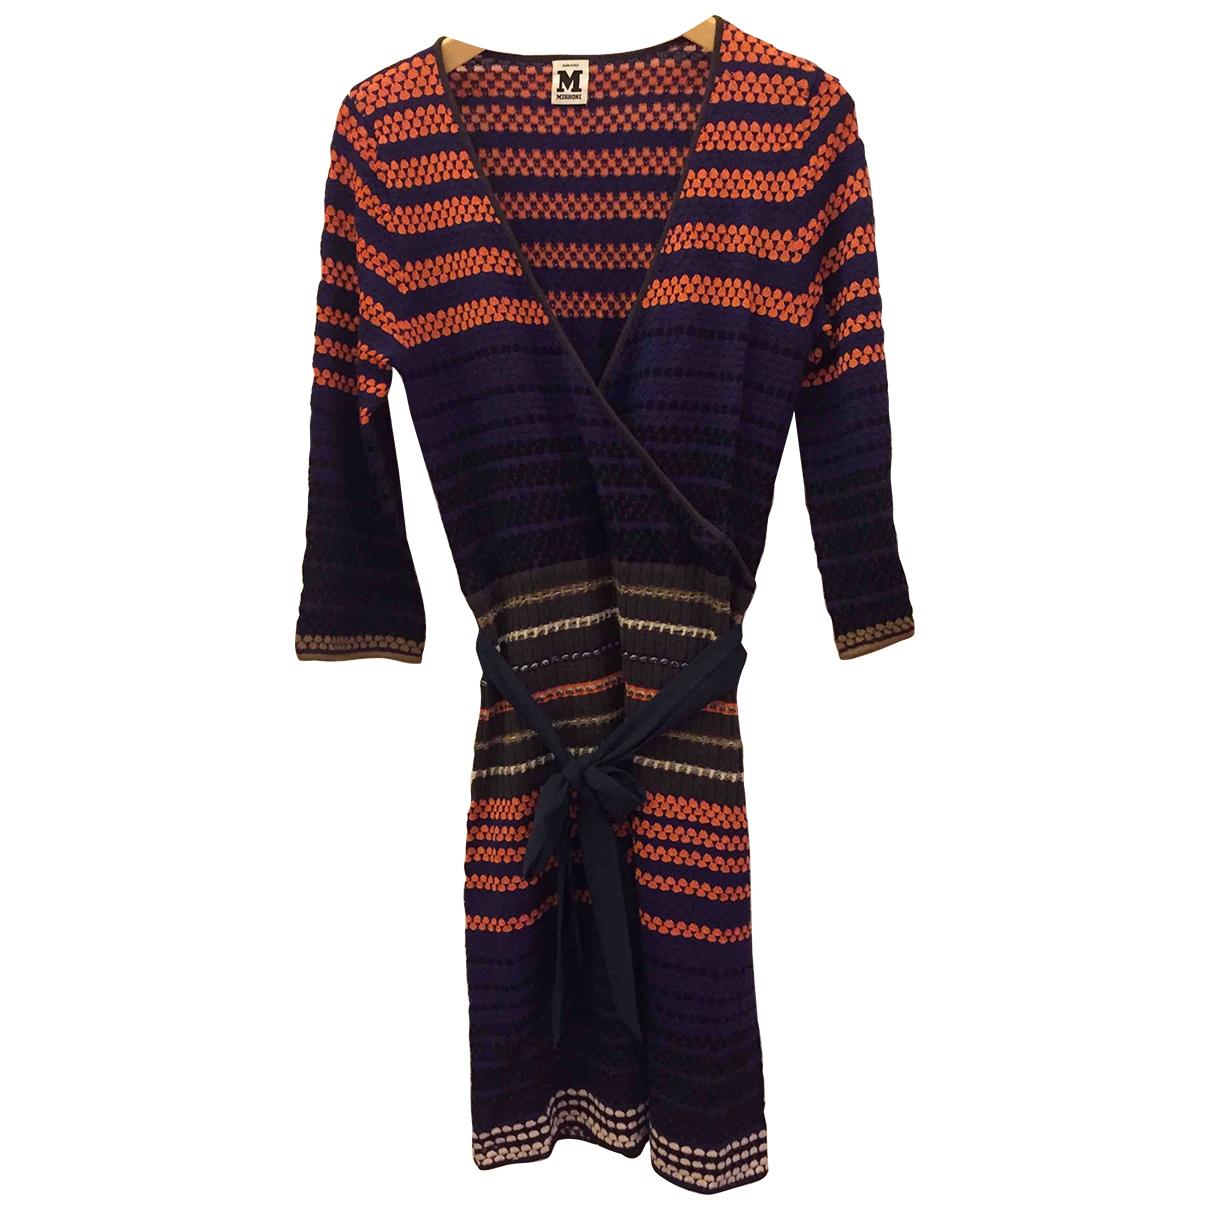 M Missoni \N Multicolour Cotton dress for Women 36 FR